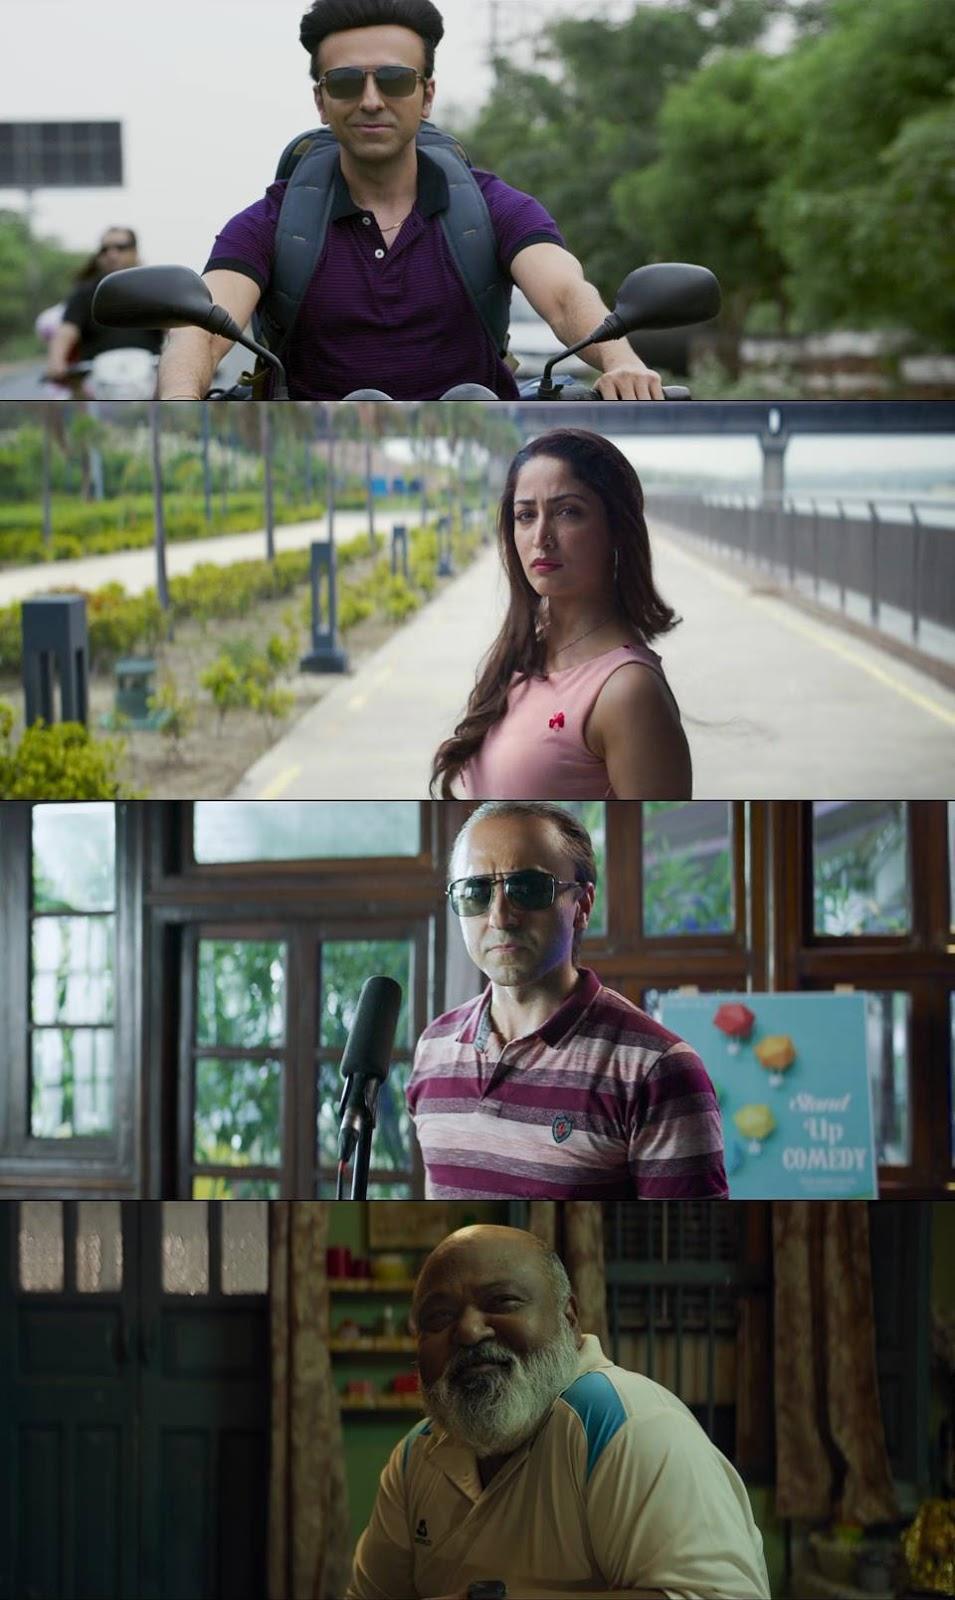 Bala 2019 Hindi 480p WEB-DL 400MB Desirehub